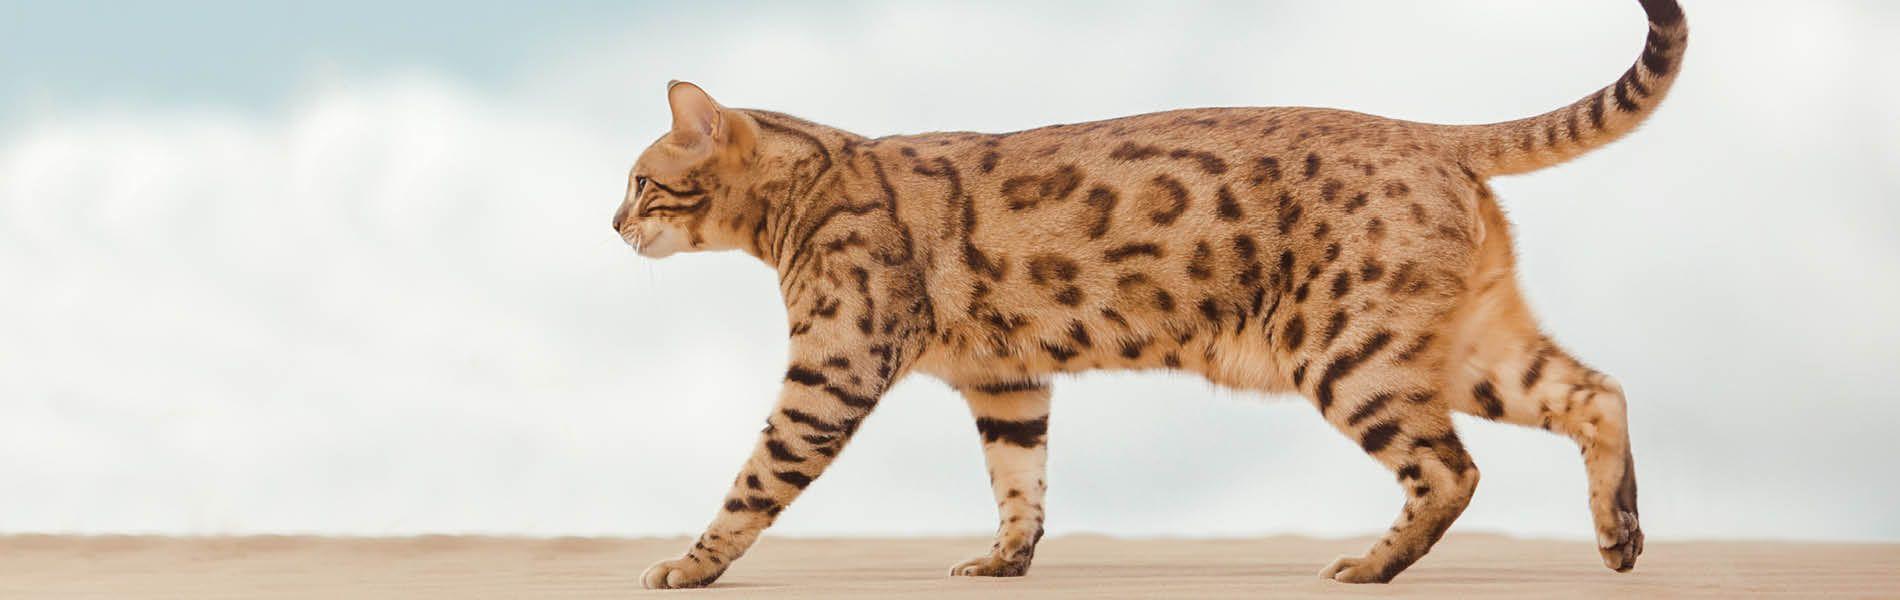 Katzenwelt 1